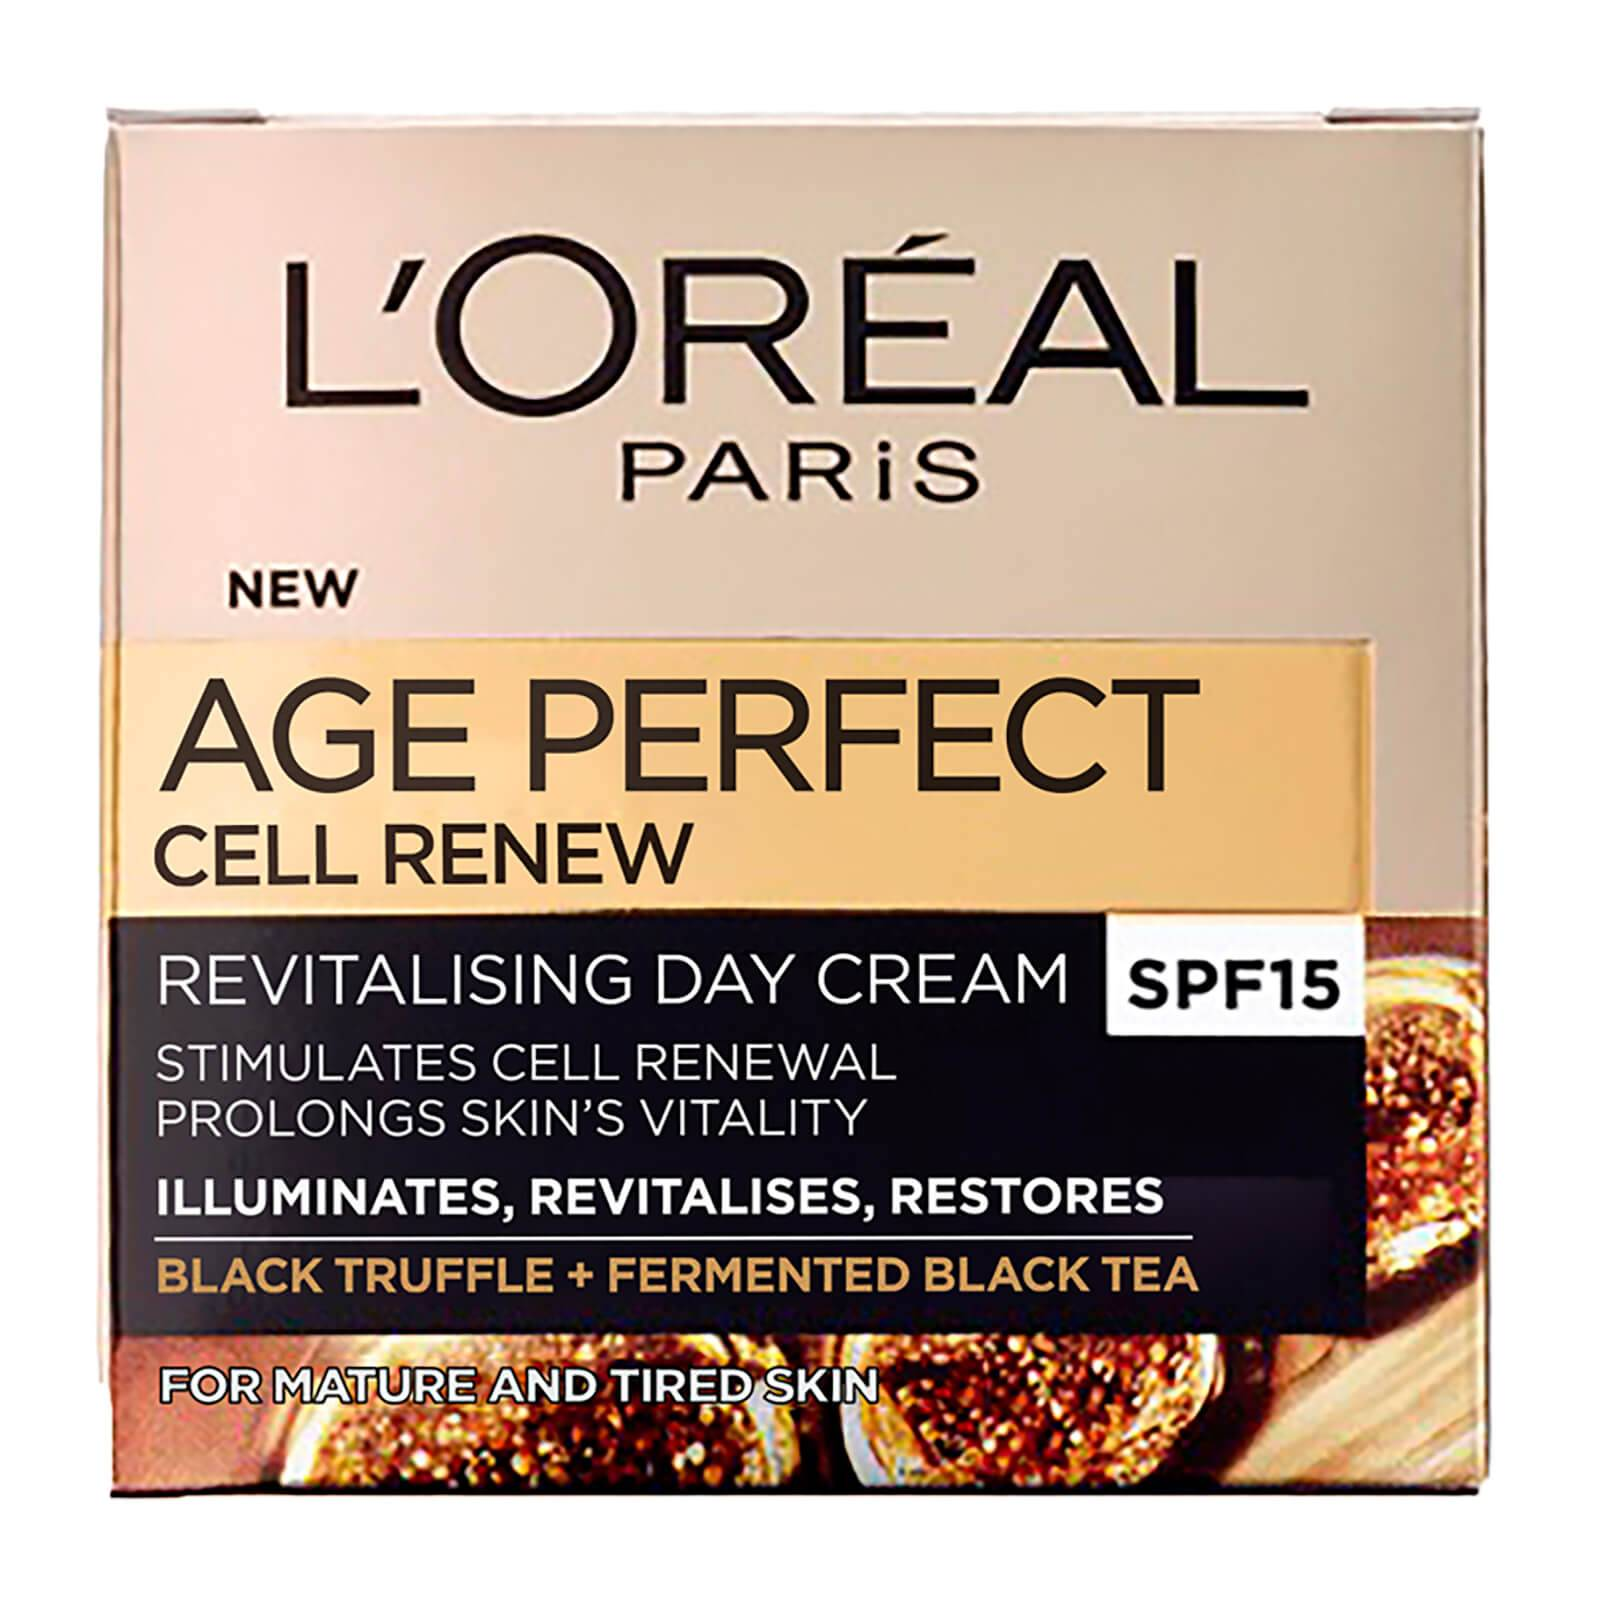 L'Oreal Paris Soin de renaissance cellulaire jour  Age Perfect  de L'Oréal Paris - SPF15 (50 ml)